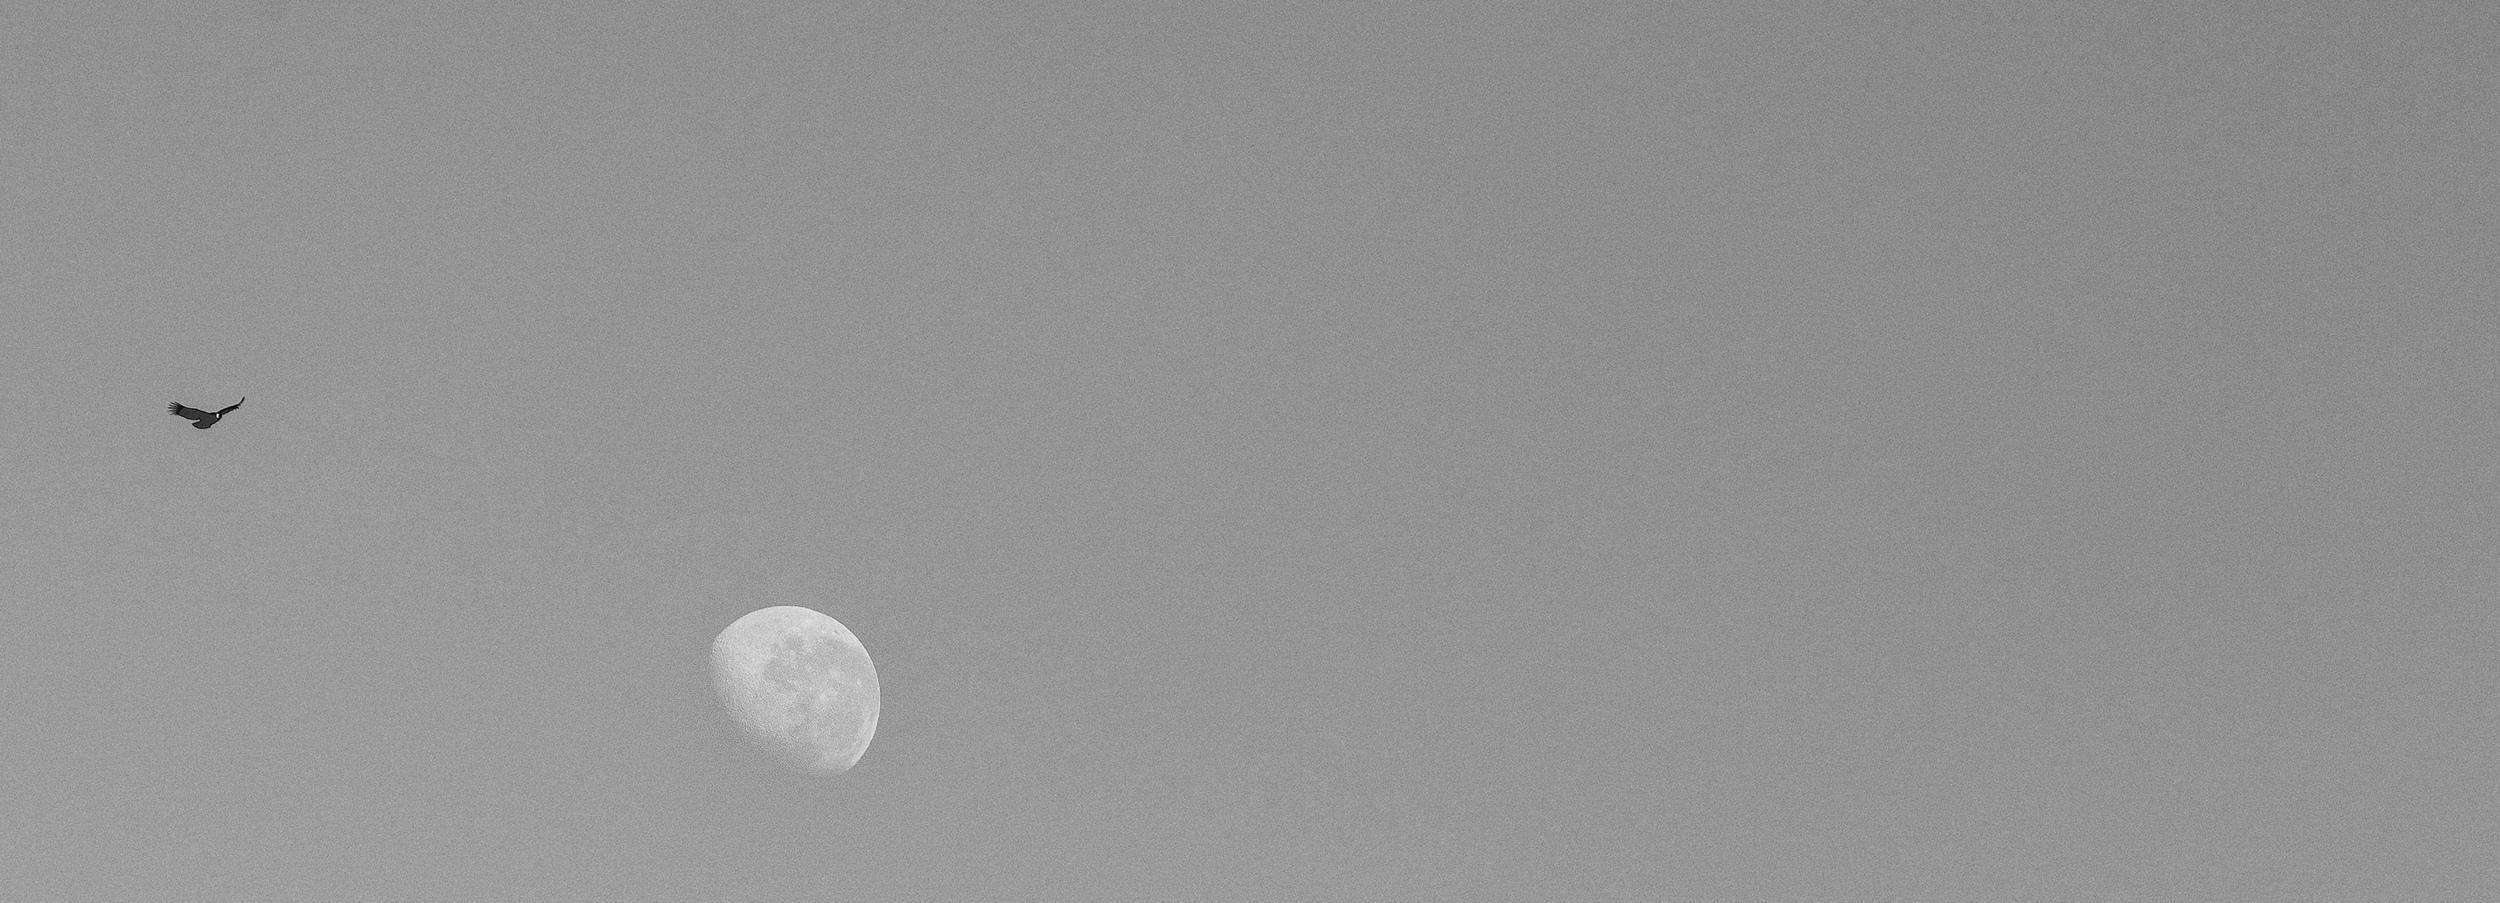 An Andean Condor flies over the moon.